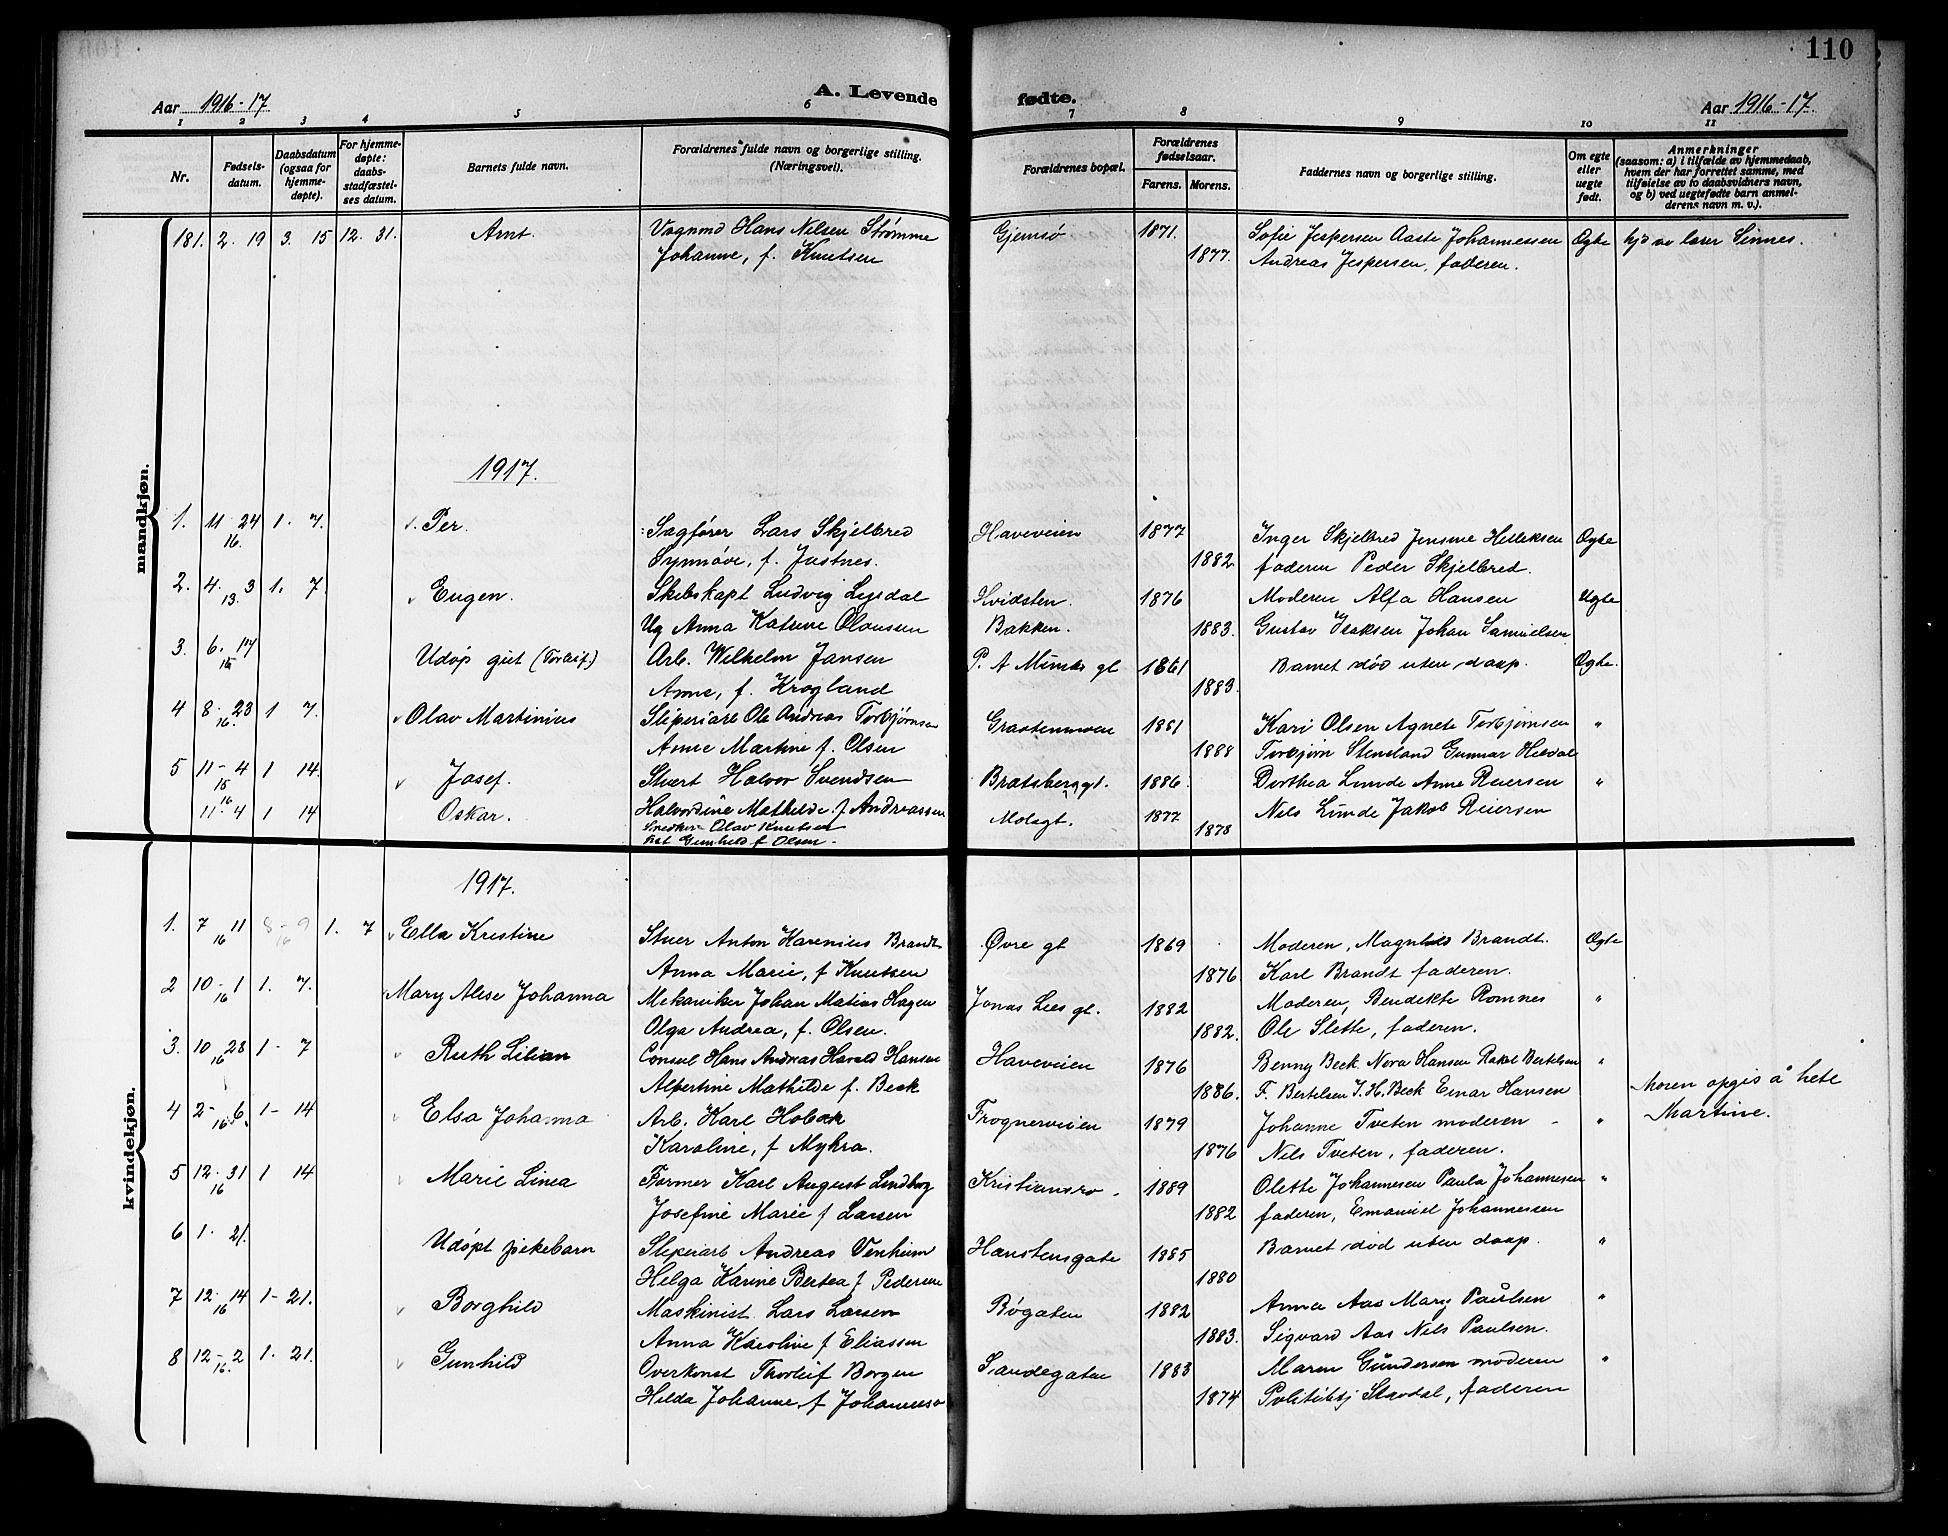 SAKO, Skien kirkebøker, G/Ga/L0009: Klokkerbok nr. 9, 1910-1920, s. 110